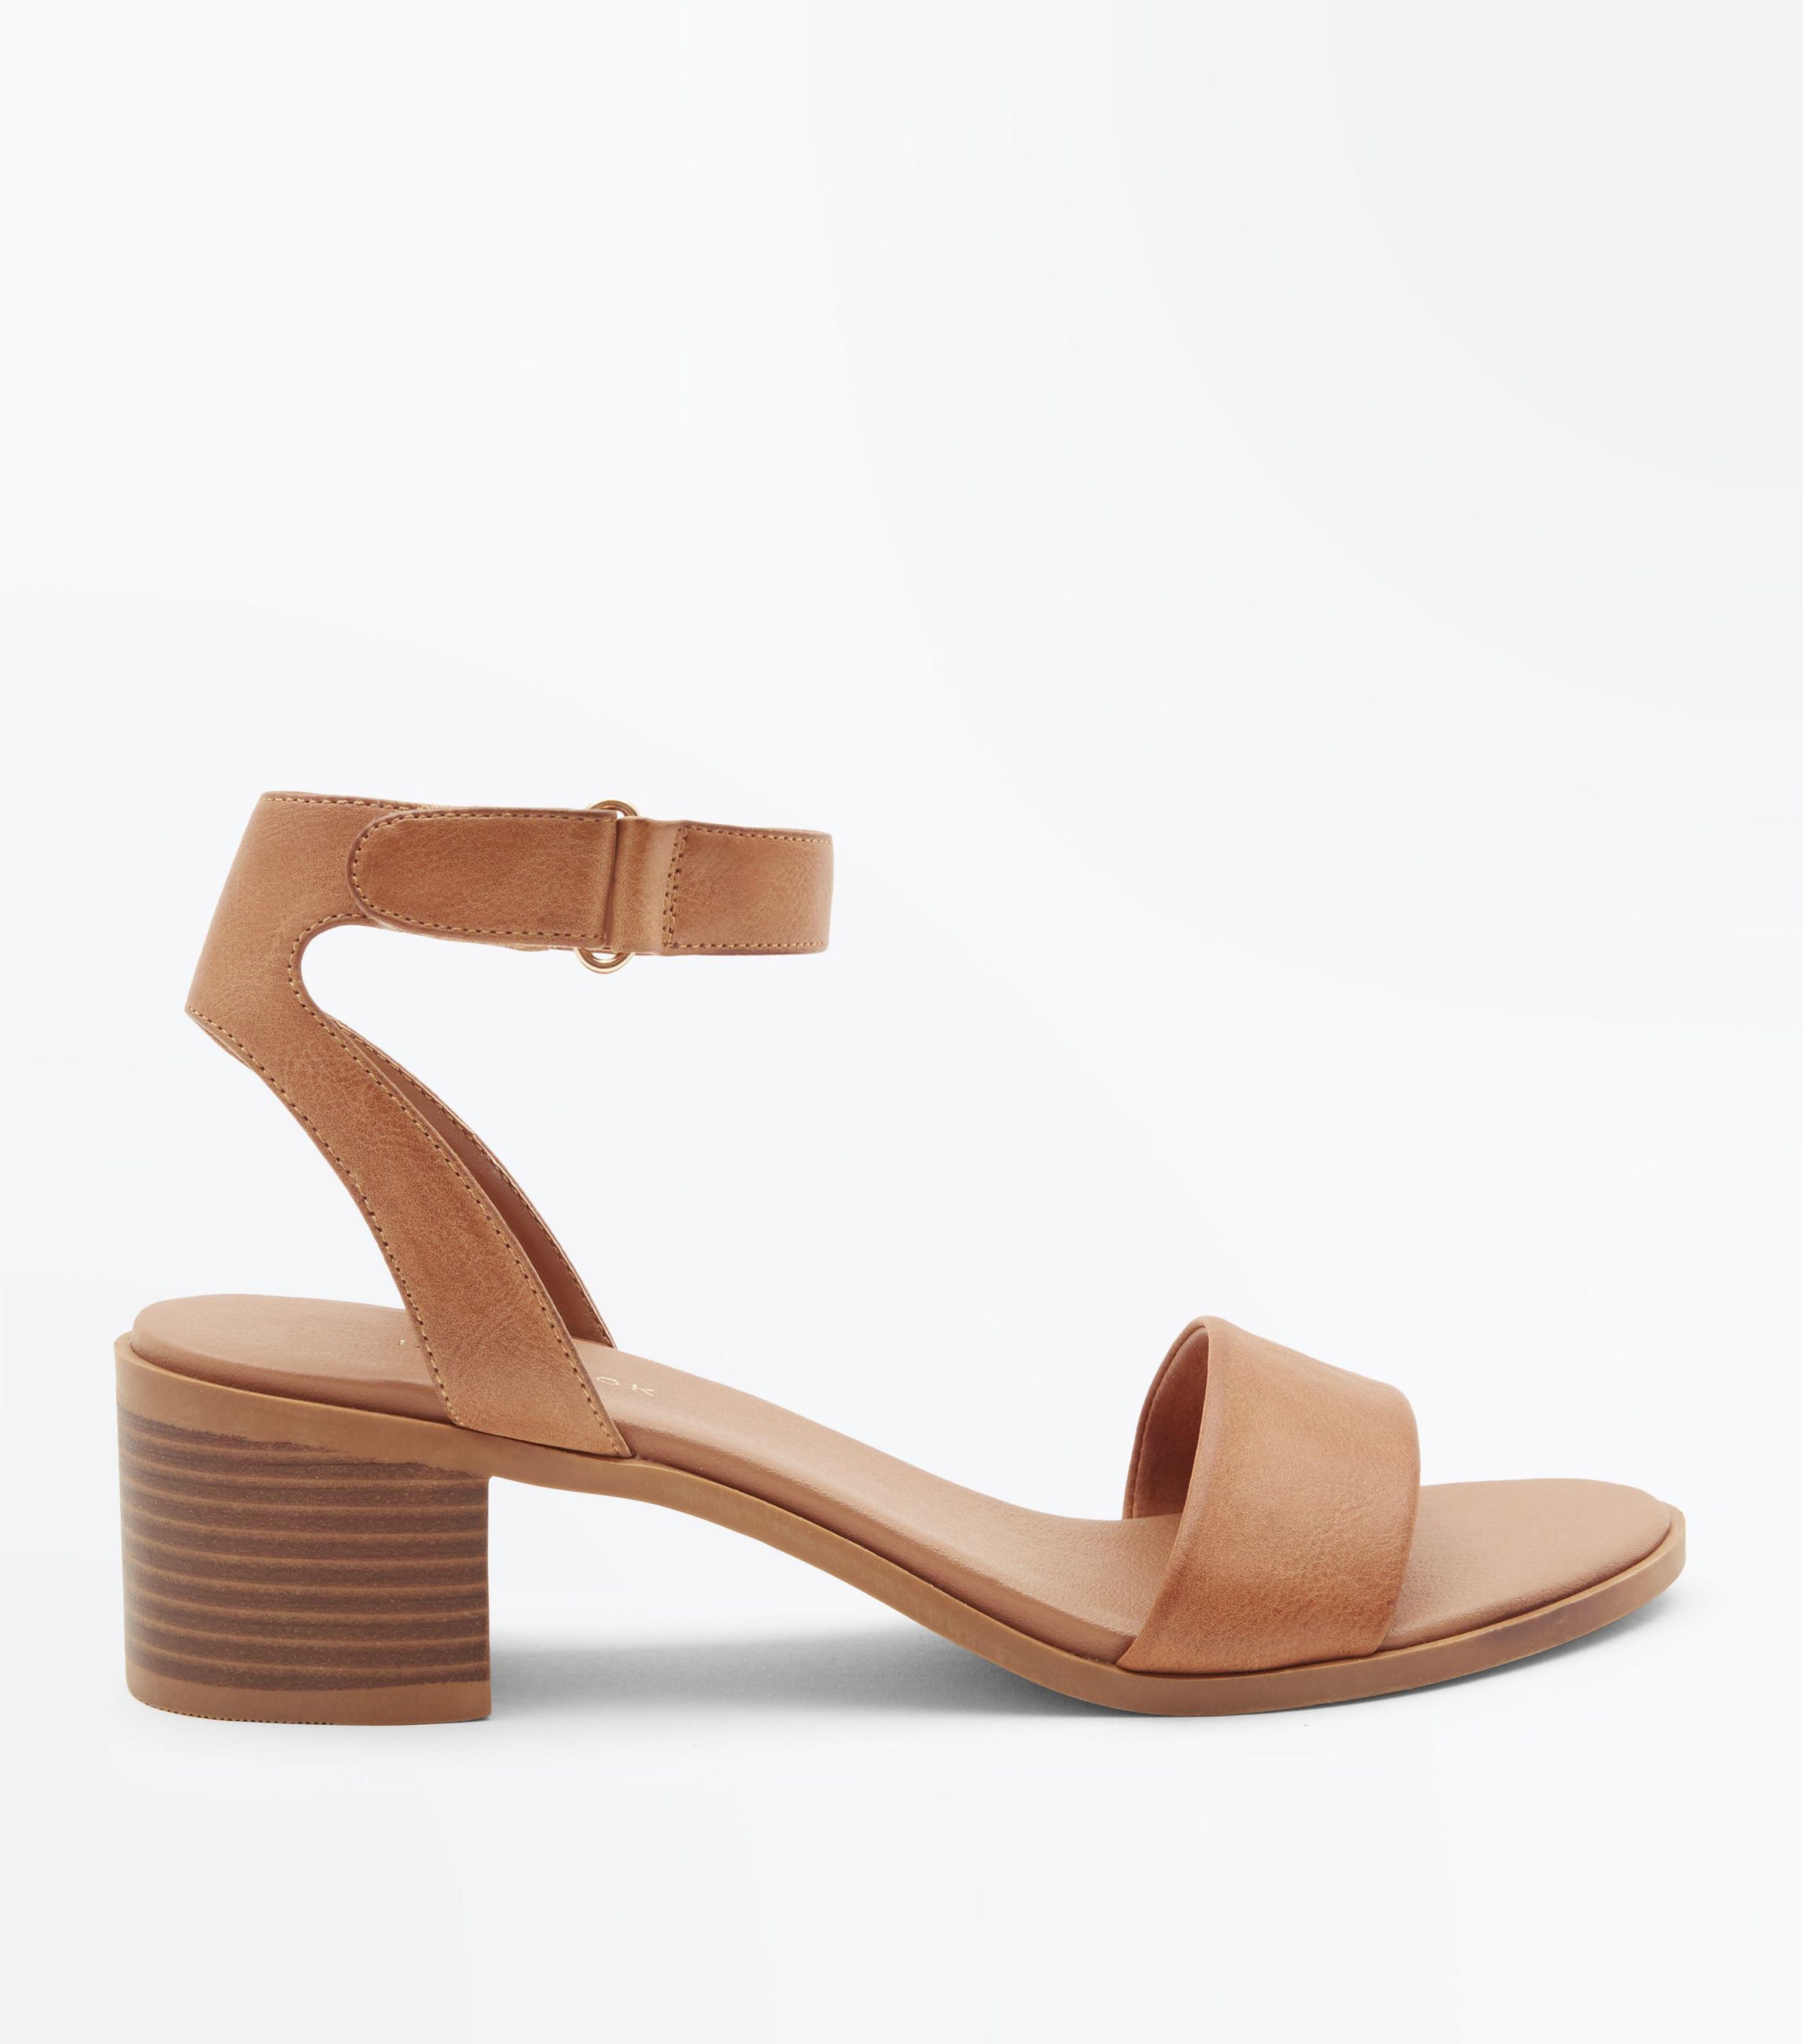 low block heel tan sandals \u003e Up to 79